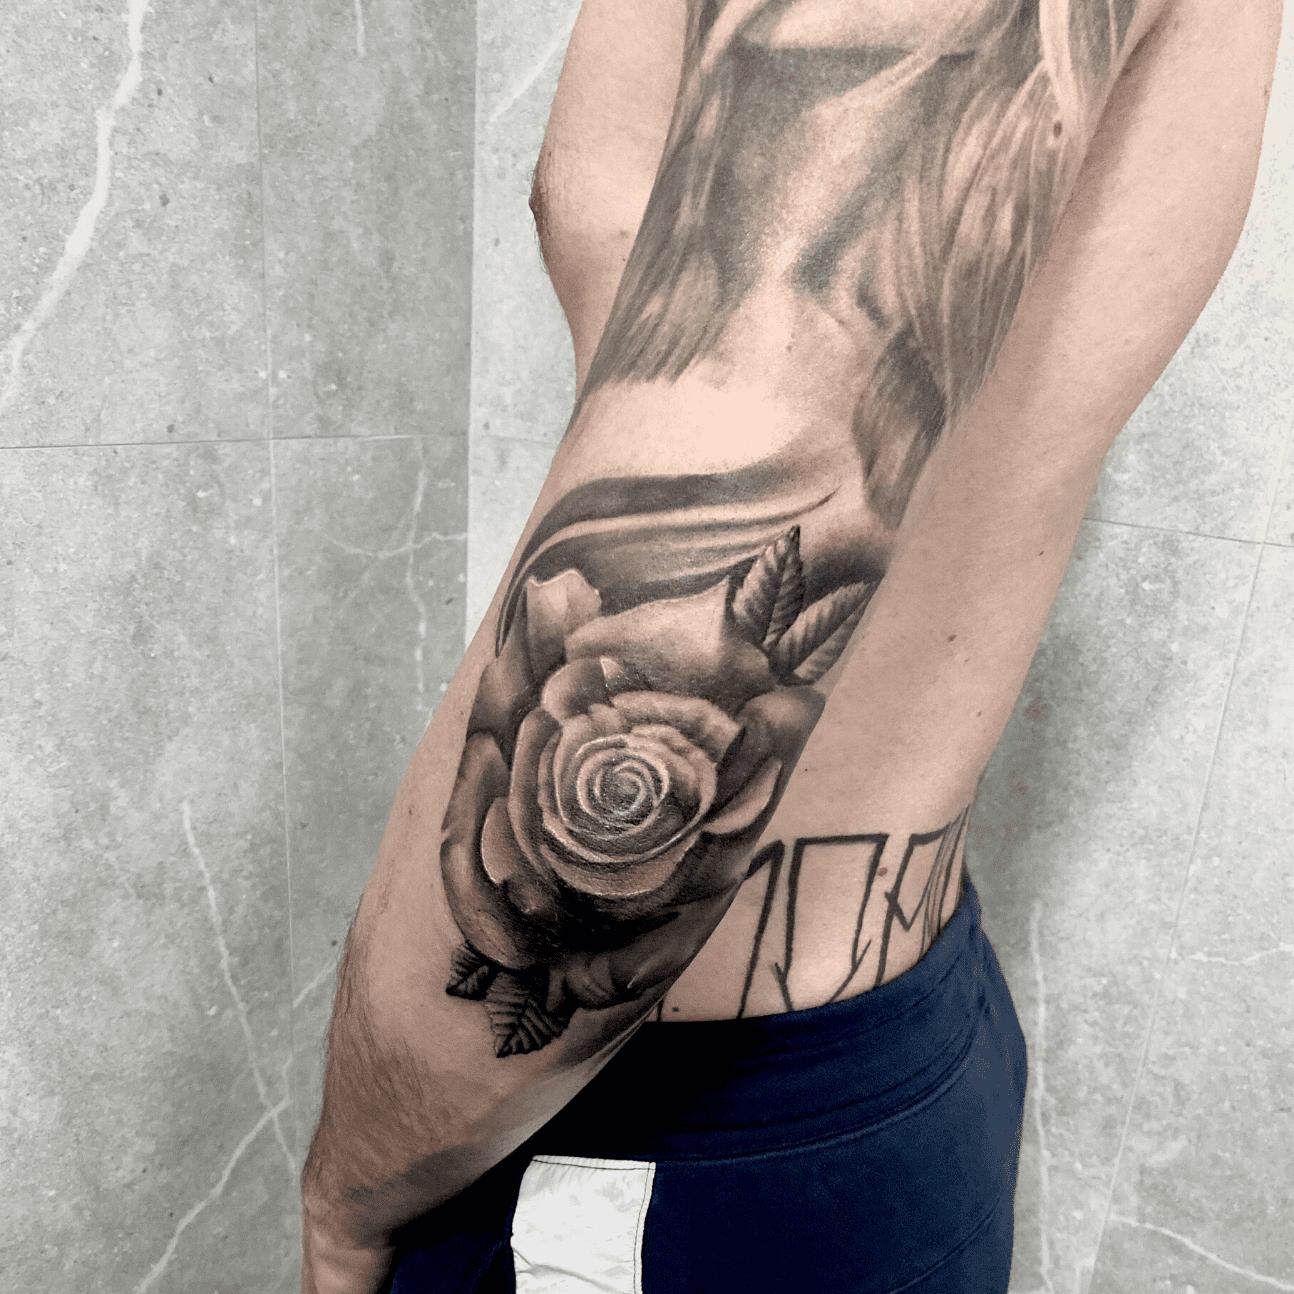 tatuaggi-rosa-gomito-alt